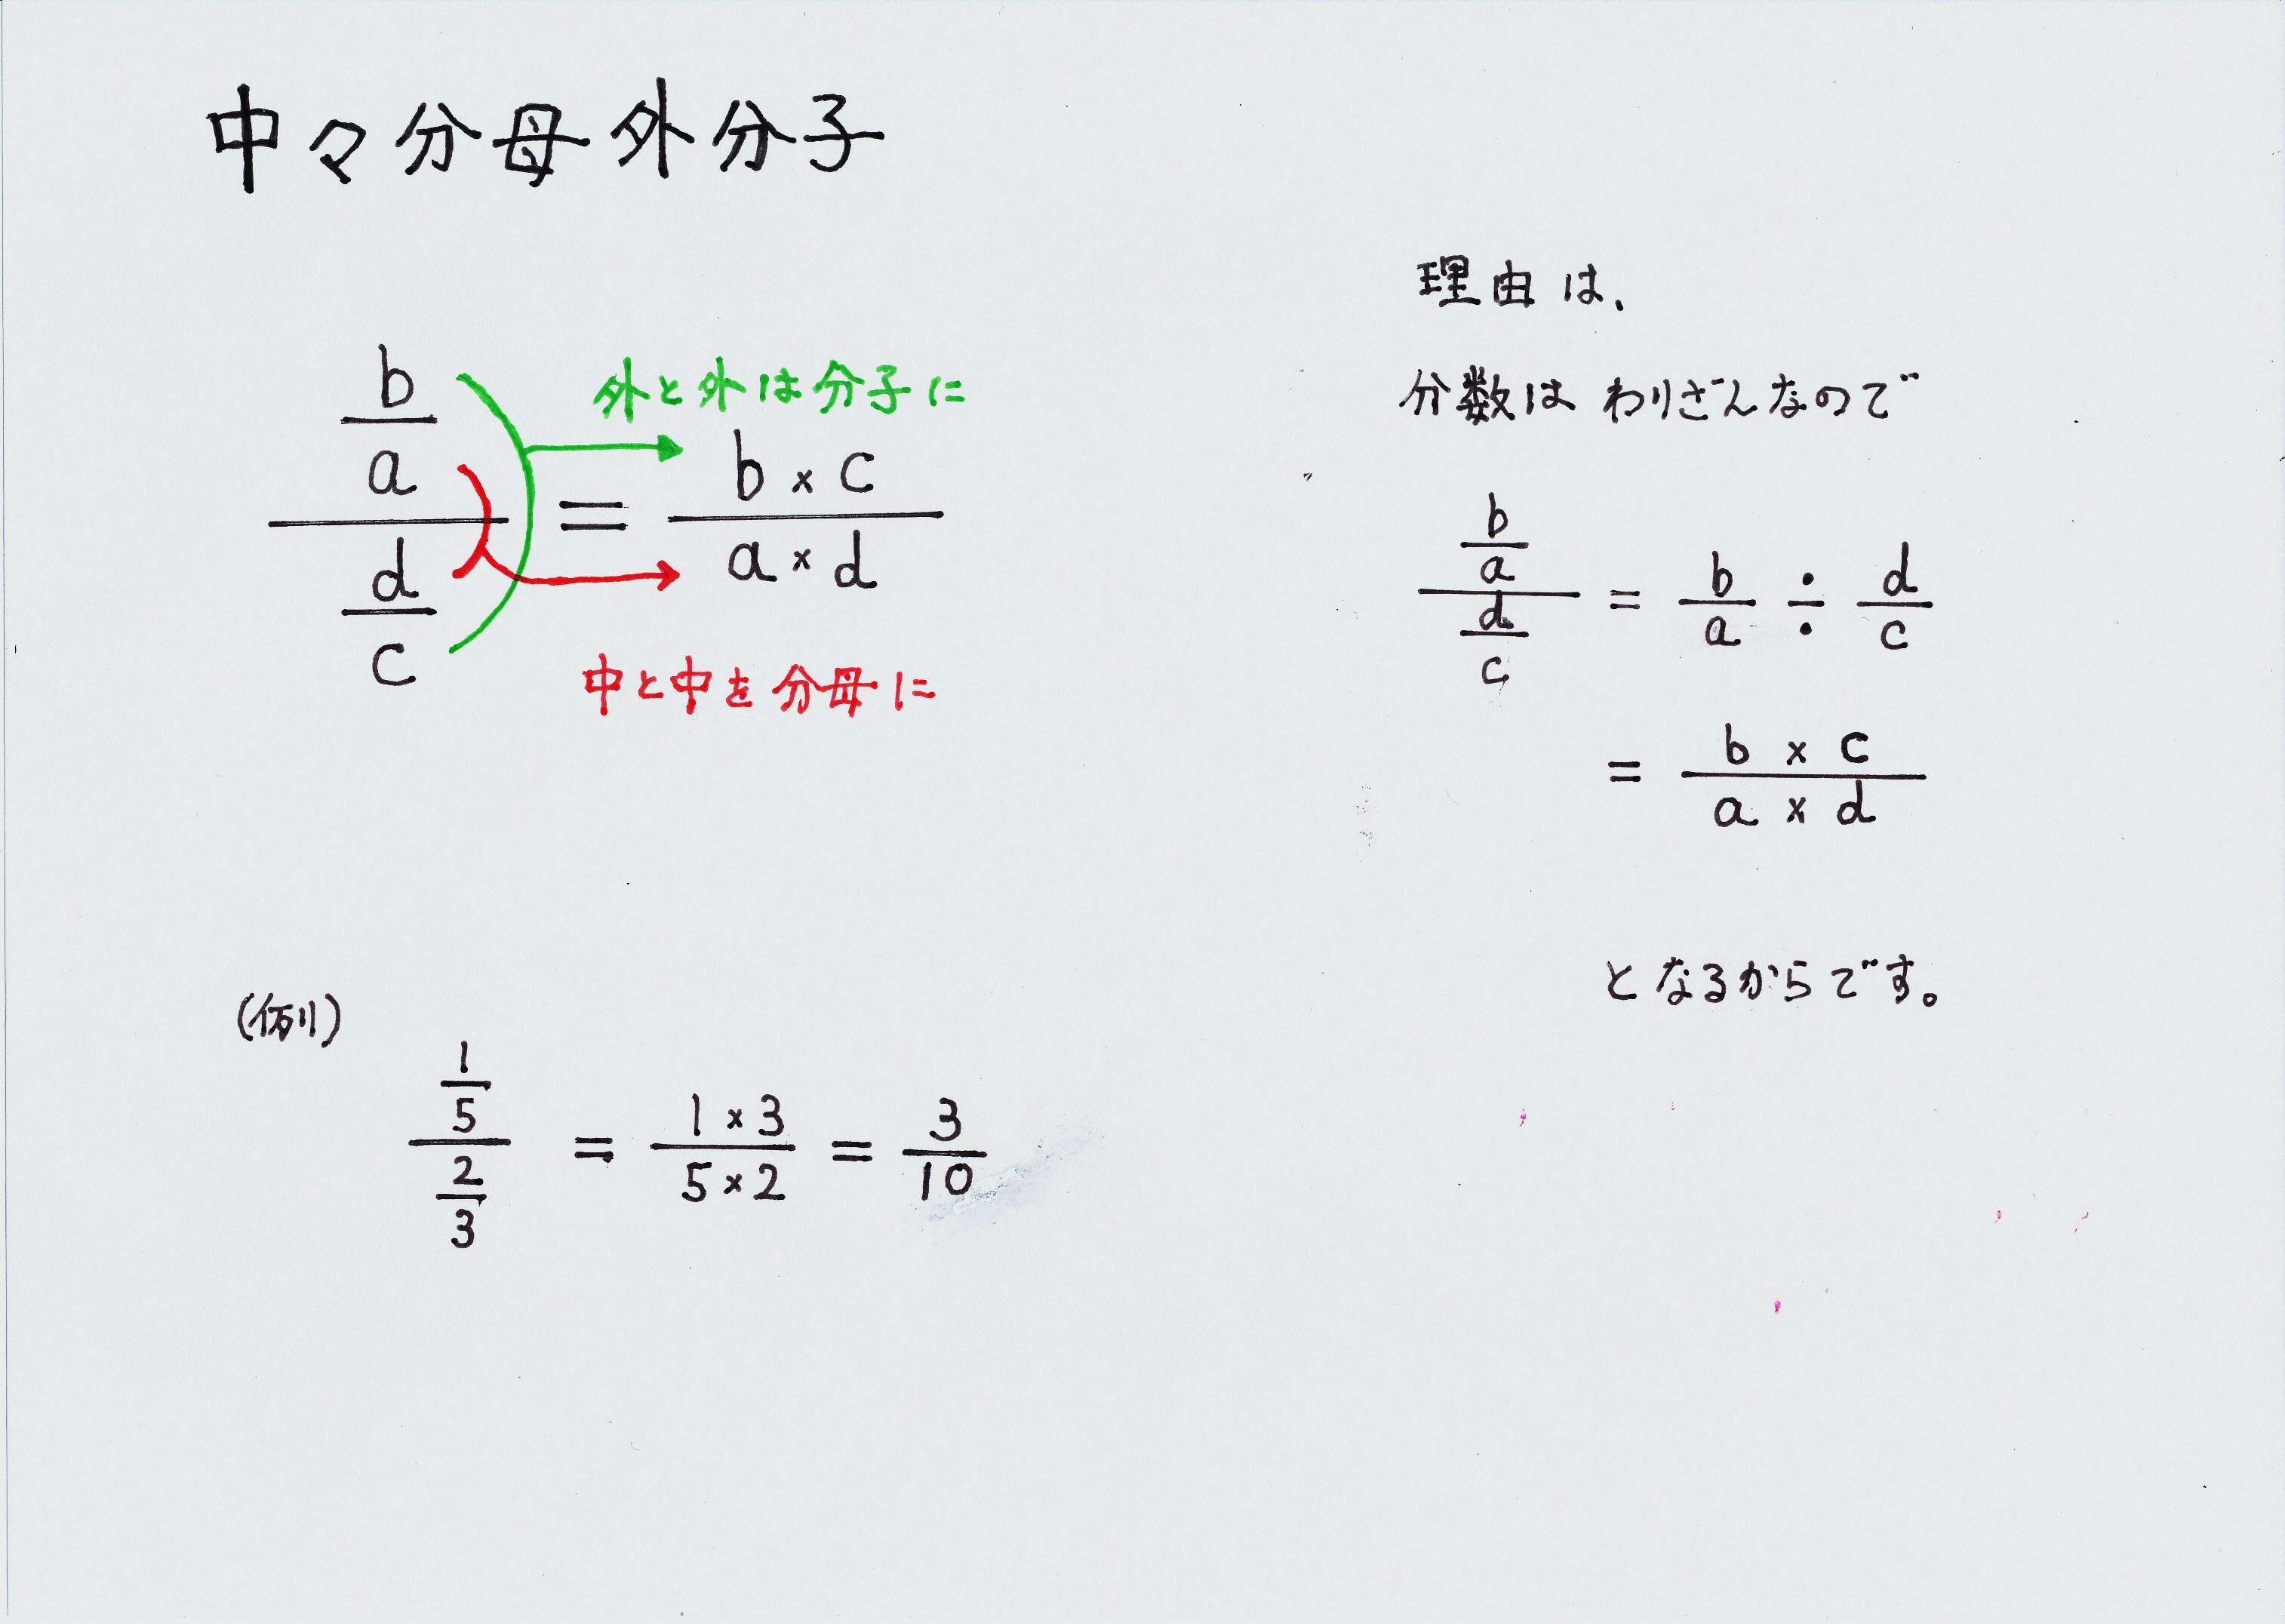 分数 の 計算